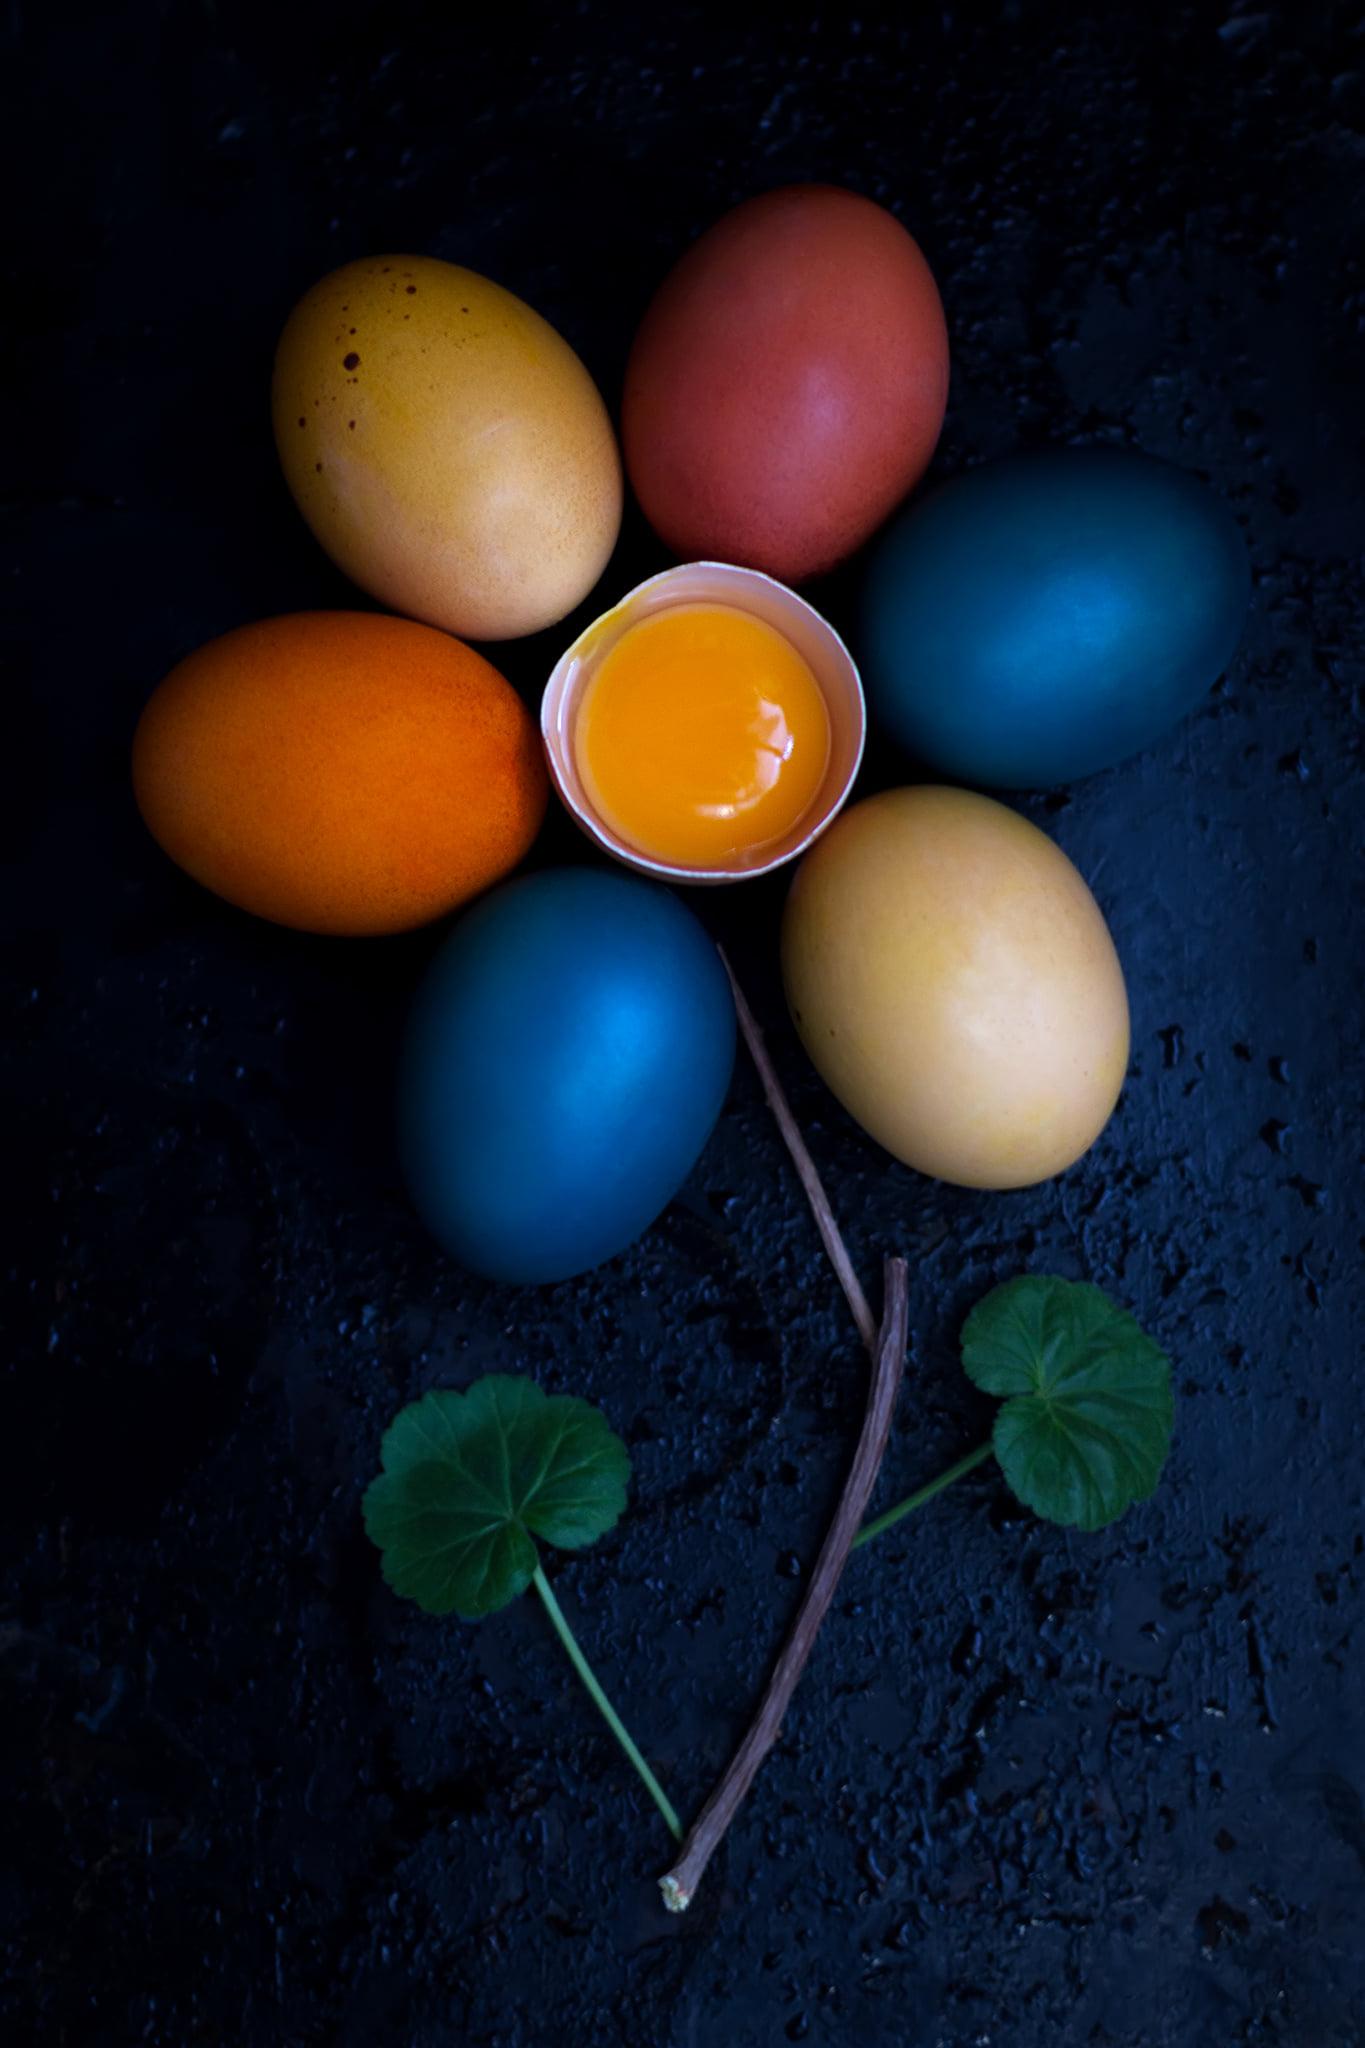 Ника Дмириева. Натюрморт с яйцами